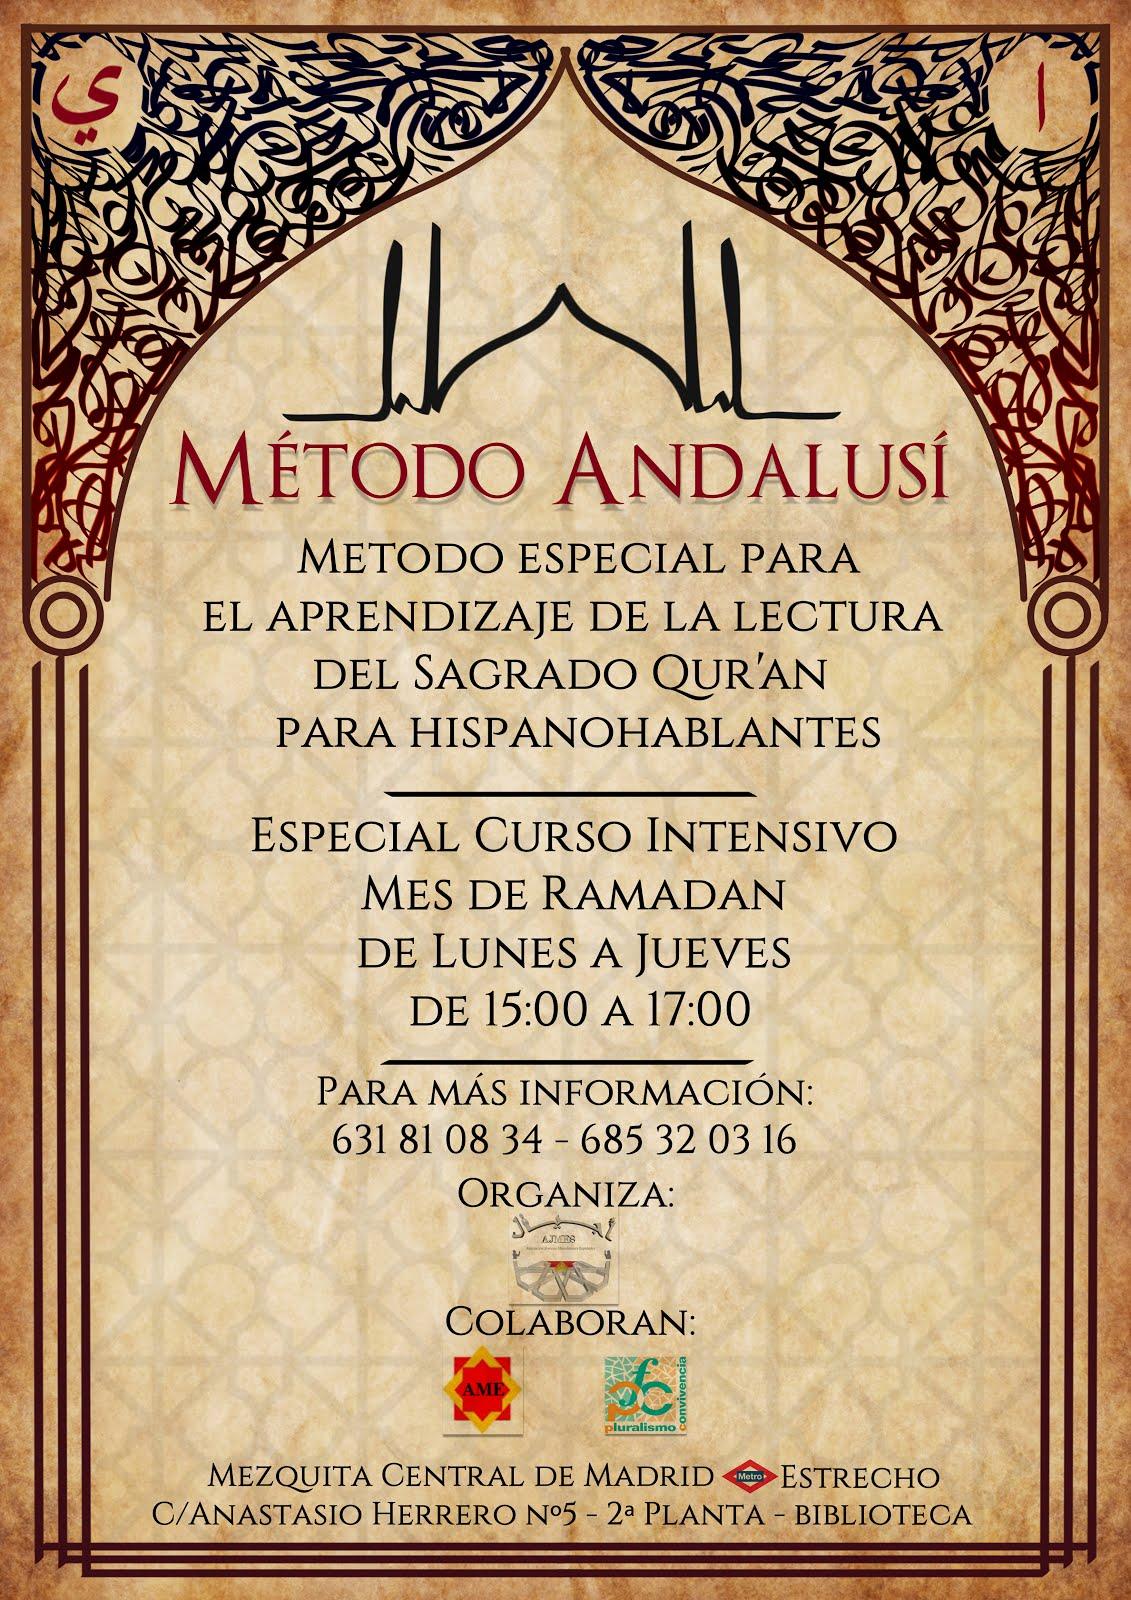 Curso intensivo  en el mes de ramadán del método andalusí